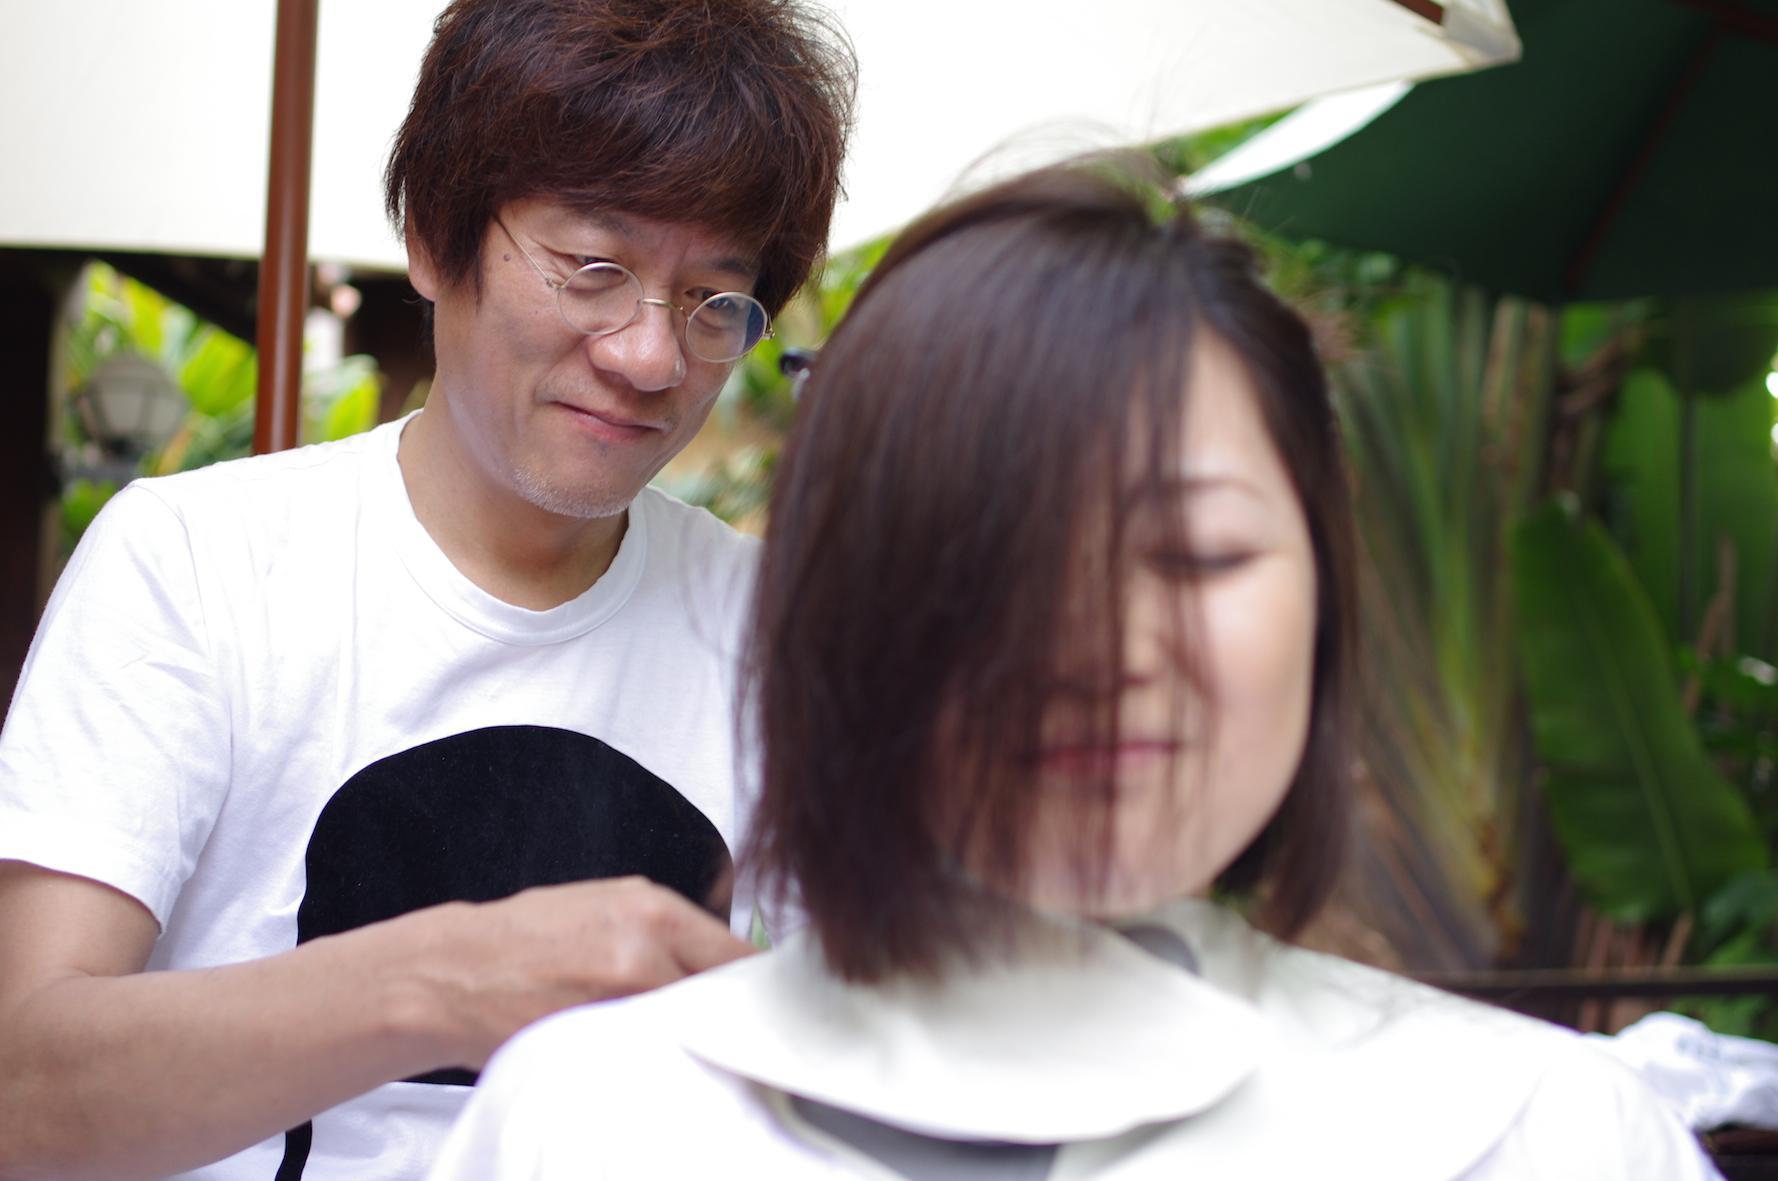 いい社員にならなくてもいい。 いい美容師になろう。